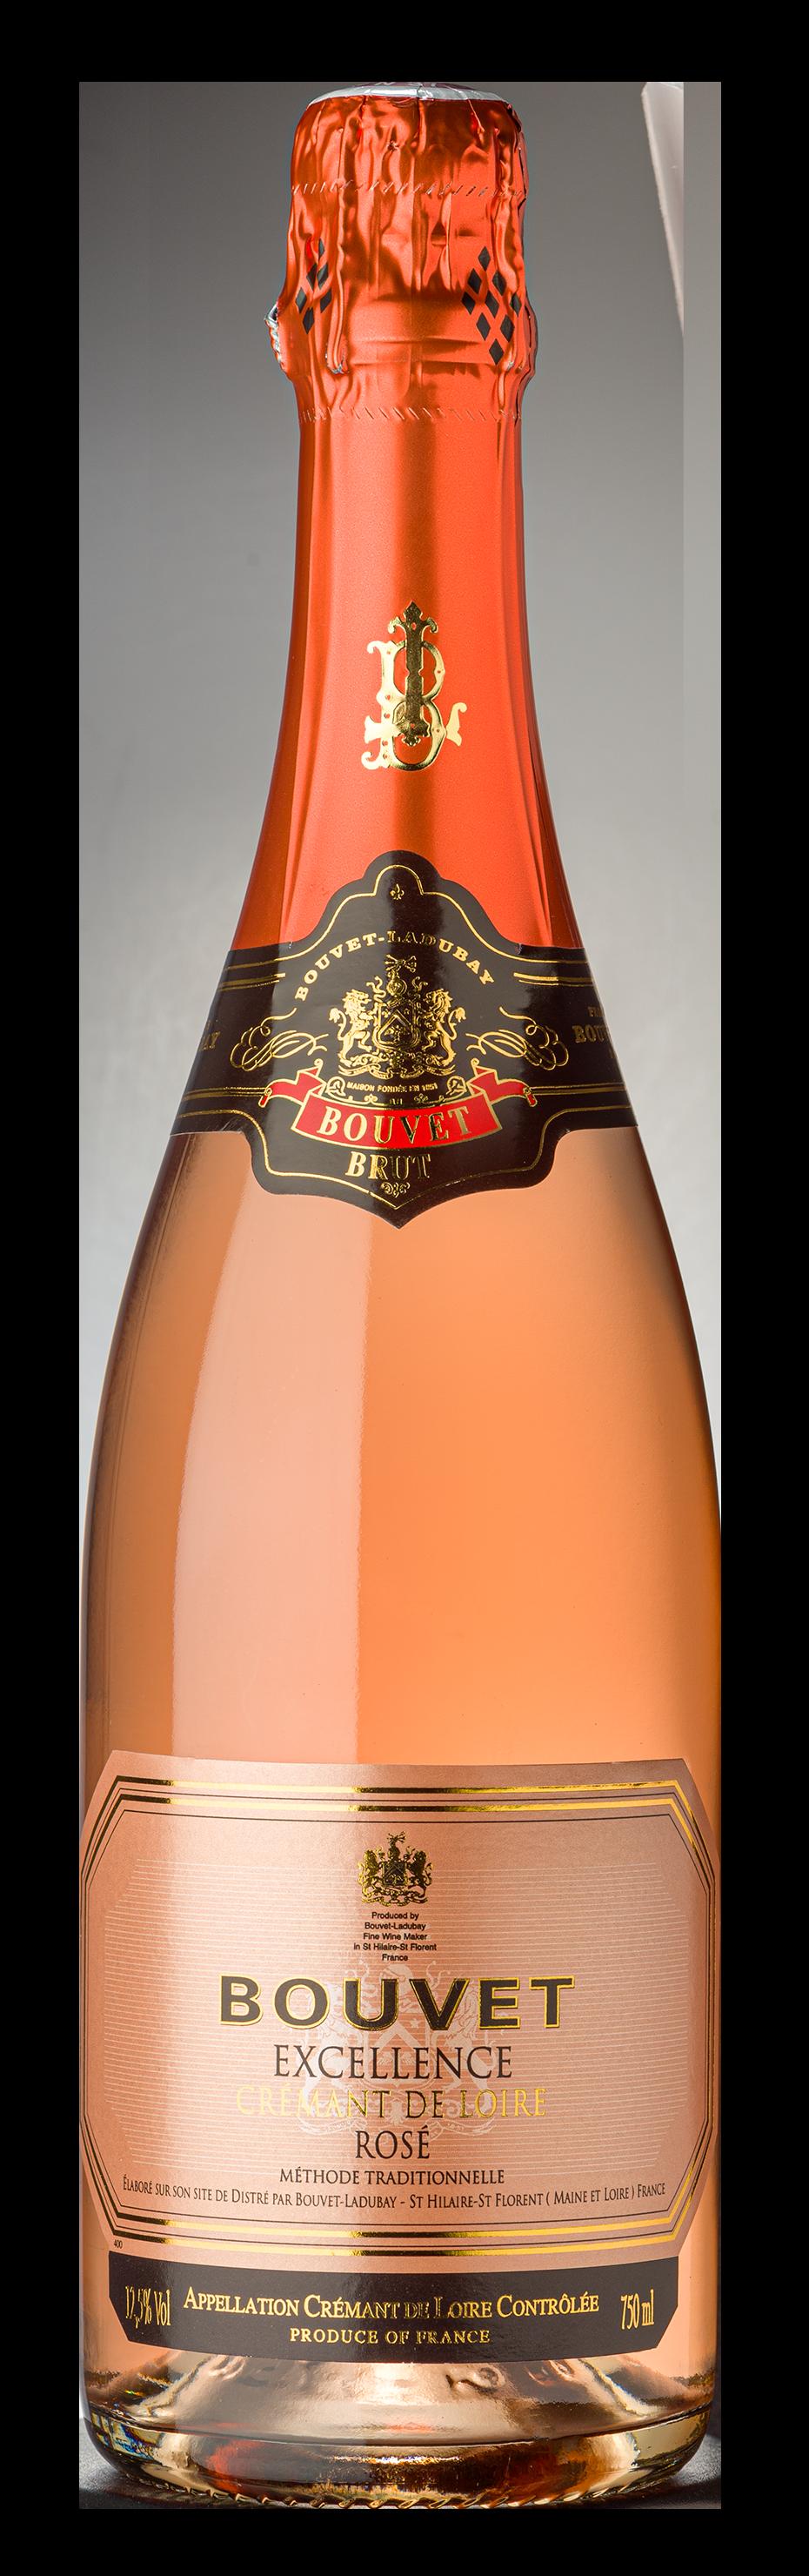 Bouvet Crémant de Loire Brut Rosé Excellence